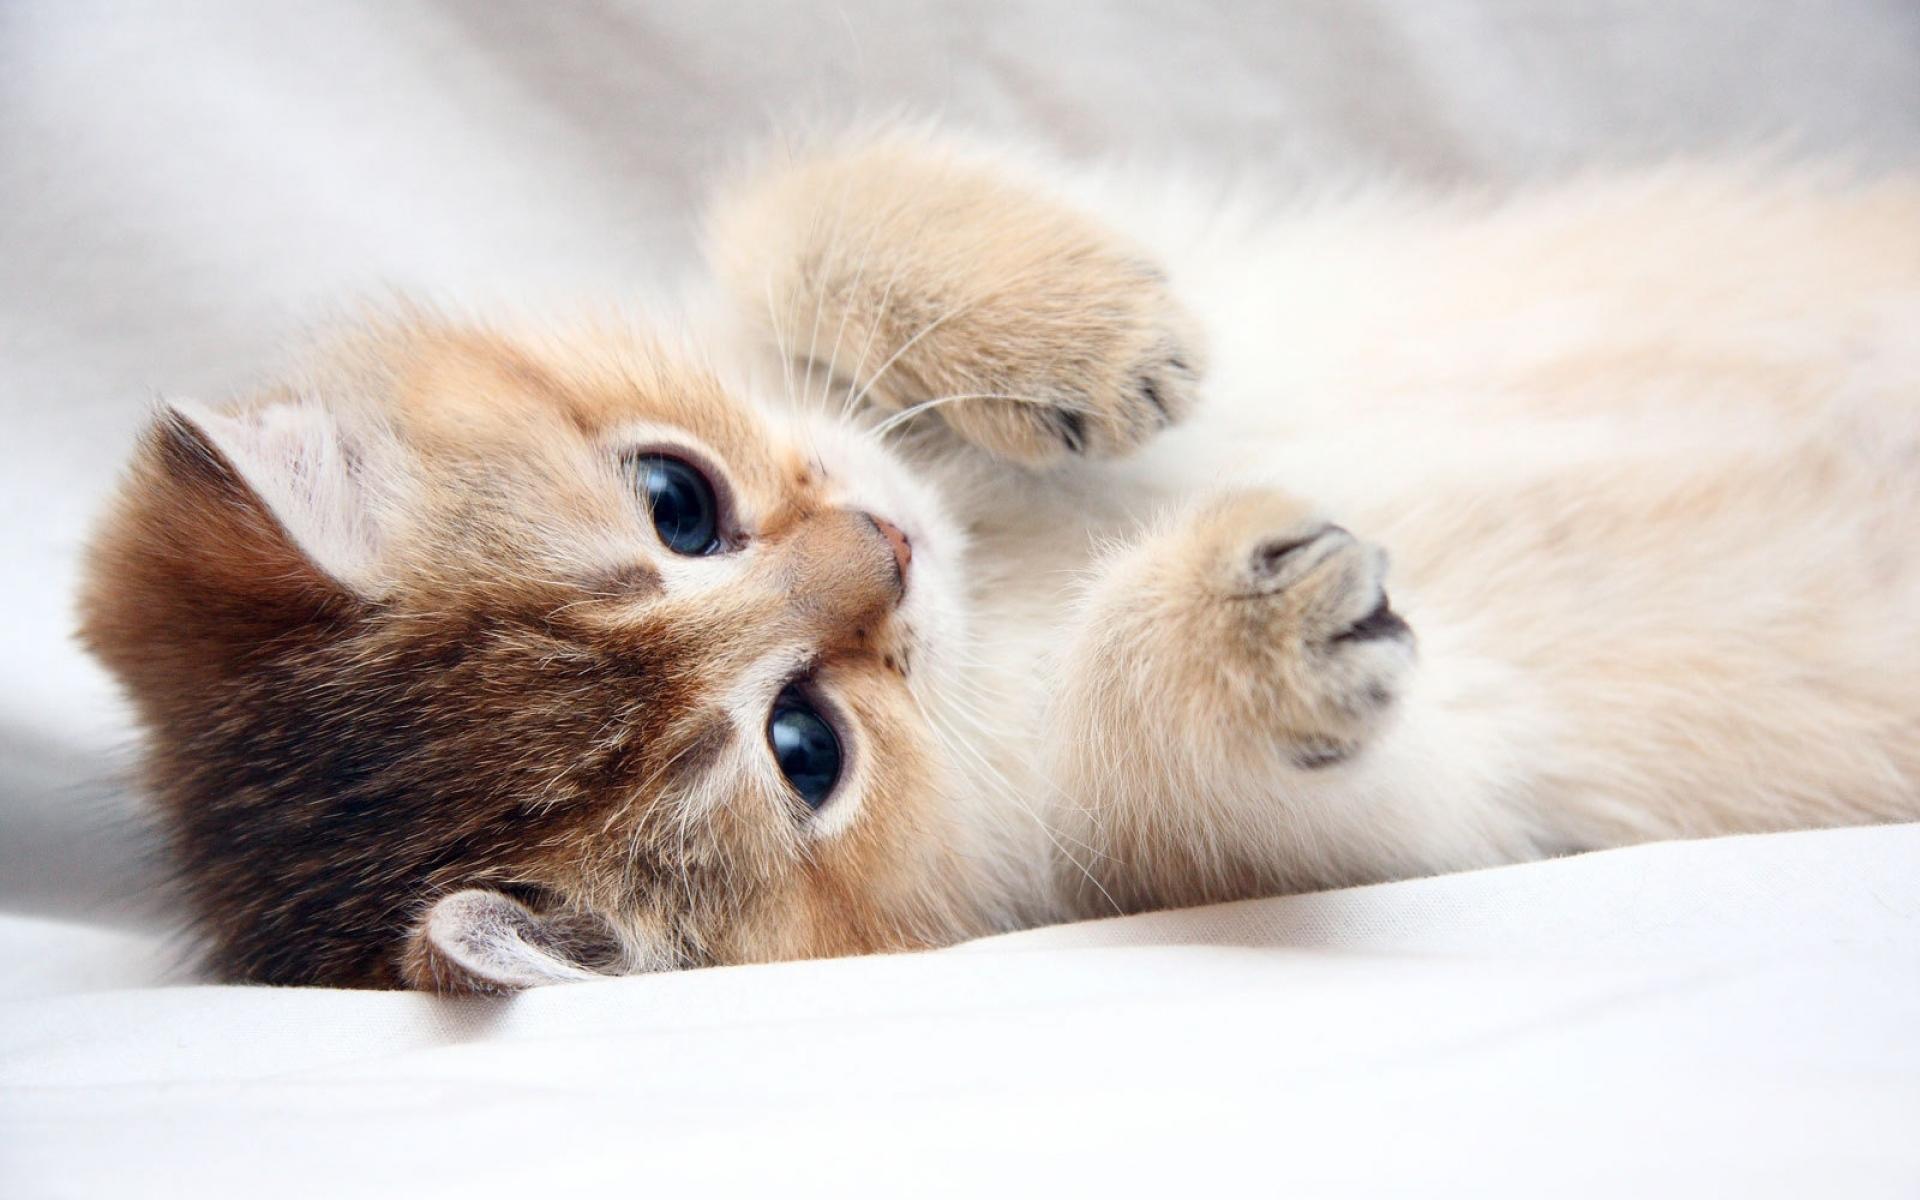 живые картинки для рабочего стола кошки